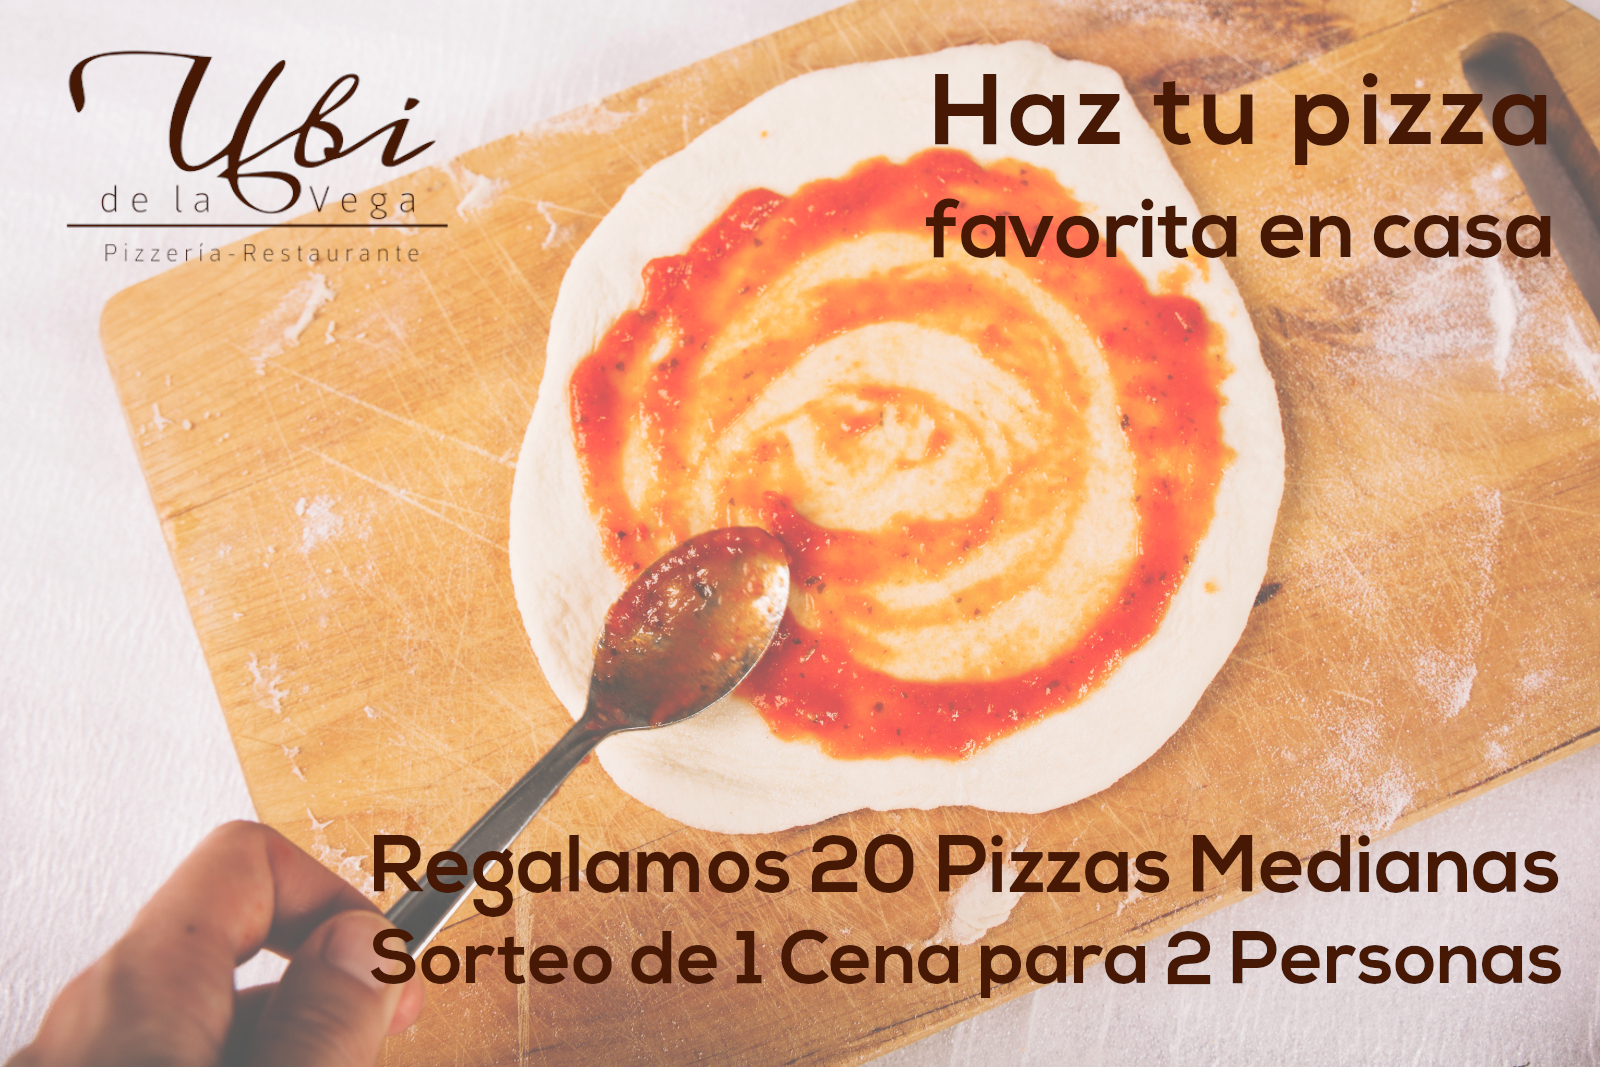 Haz tu pizza en casa. Regalamos 20 pizzas medianas. Sorteo de 1 cena para 2 personas